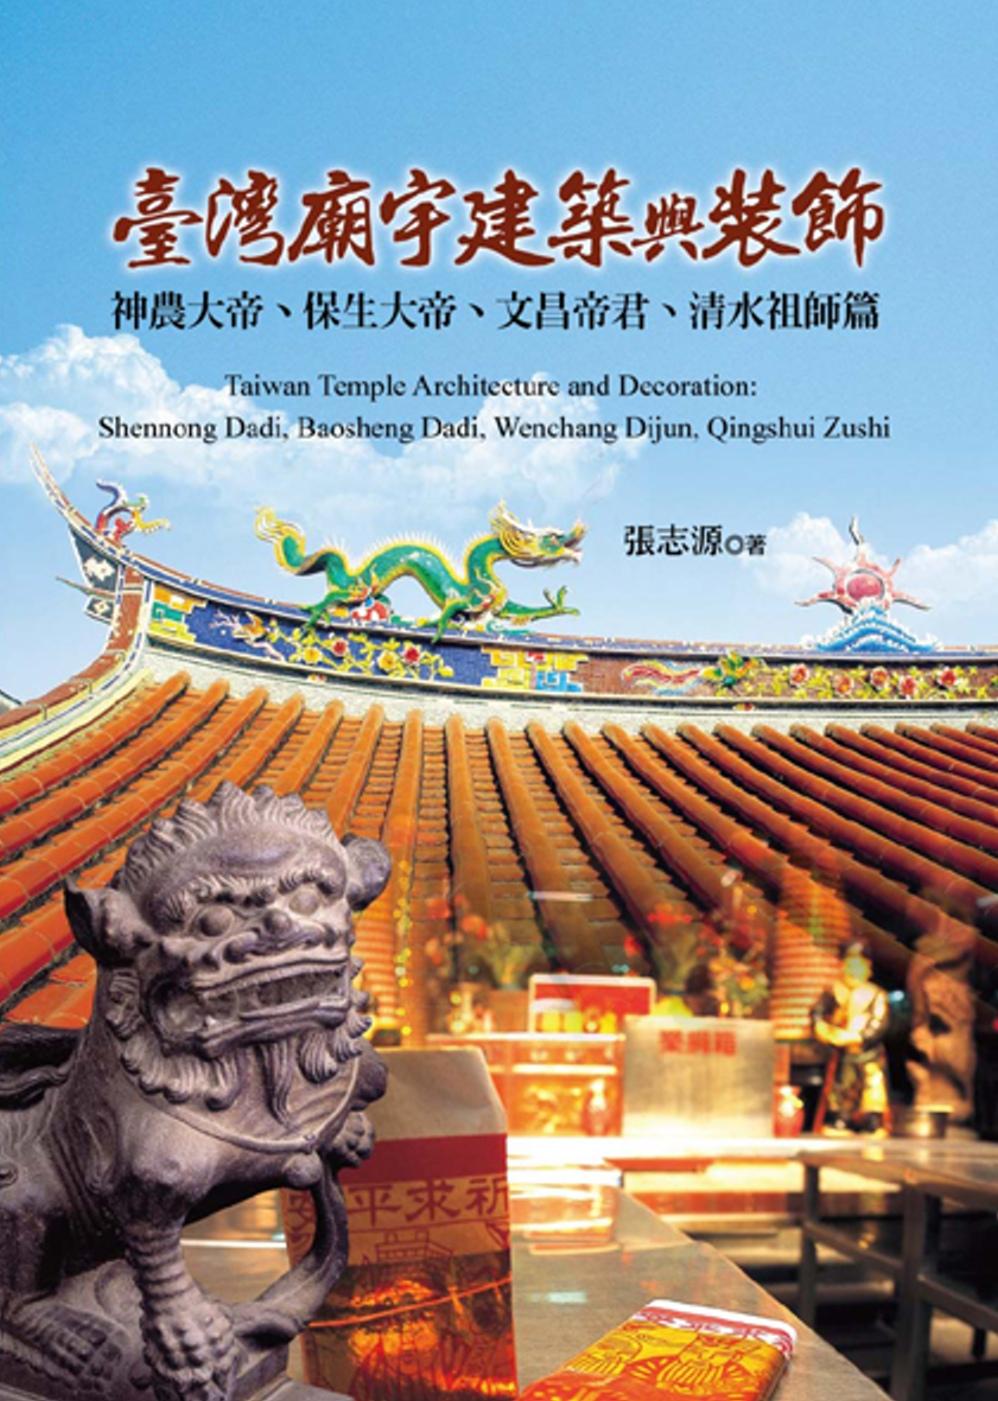 臺灣廟宇建築與裝飾:神農大帝、保生大帝、文昌帝君、清水祖師篇